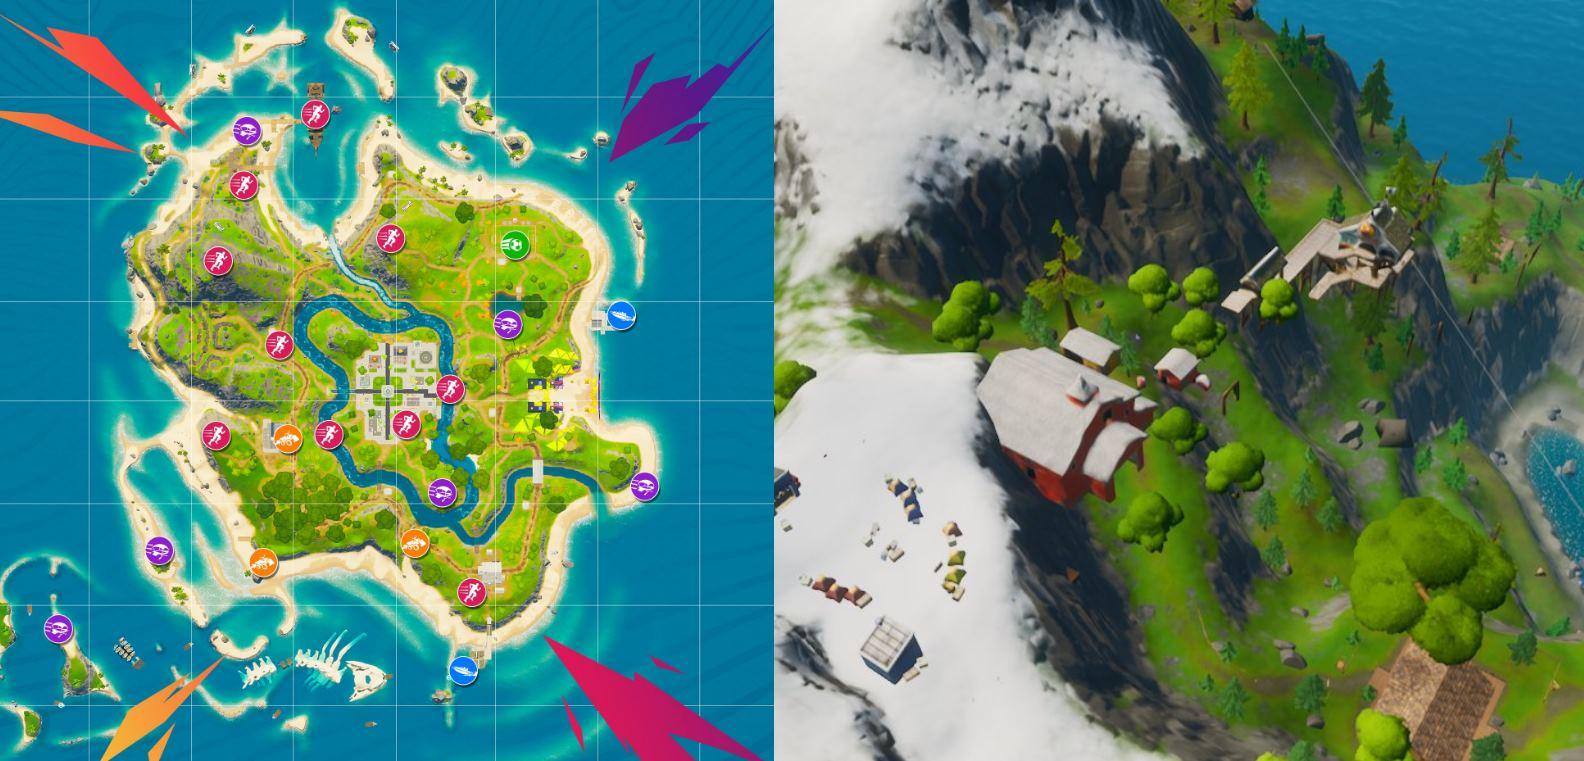 Fortnite ofrecerá un nuevo modo de juego donde la misión será socializar, sin armas